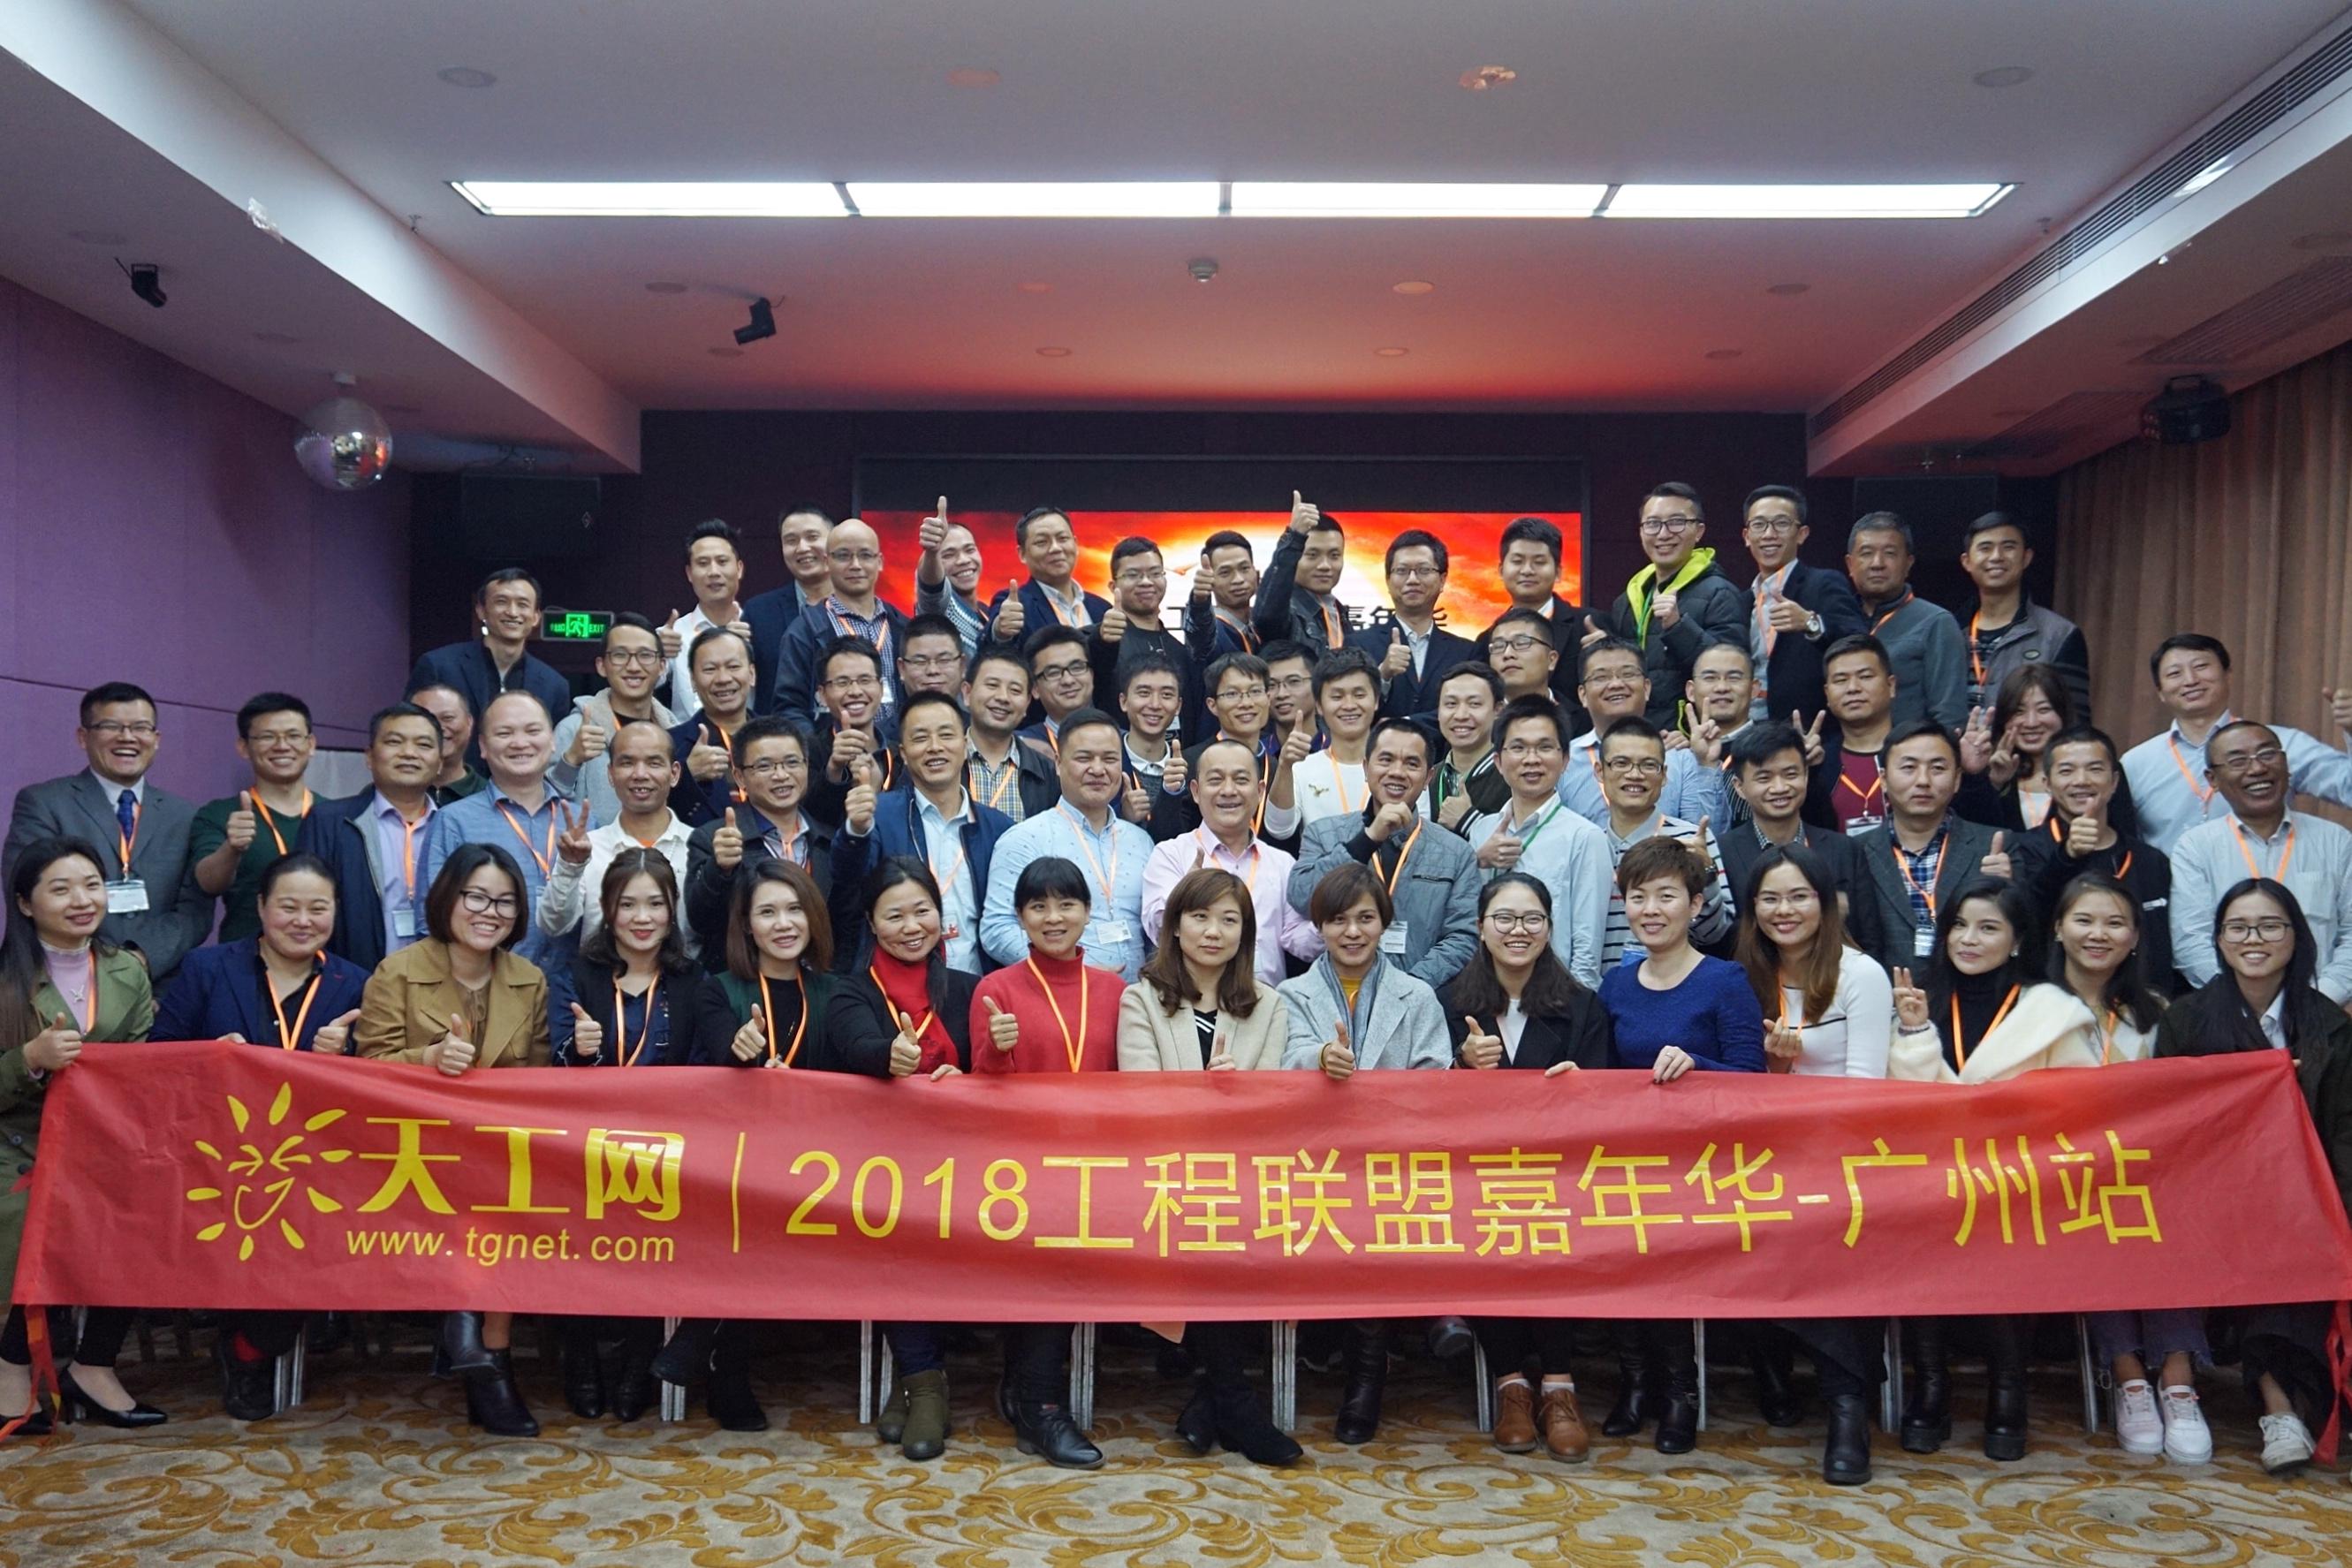 2018天工网工程联盟嘉年华-广州站